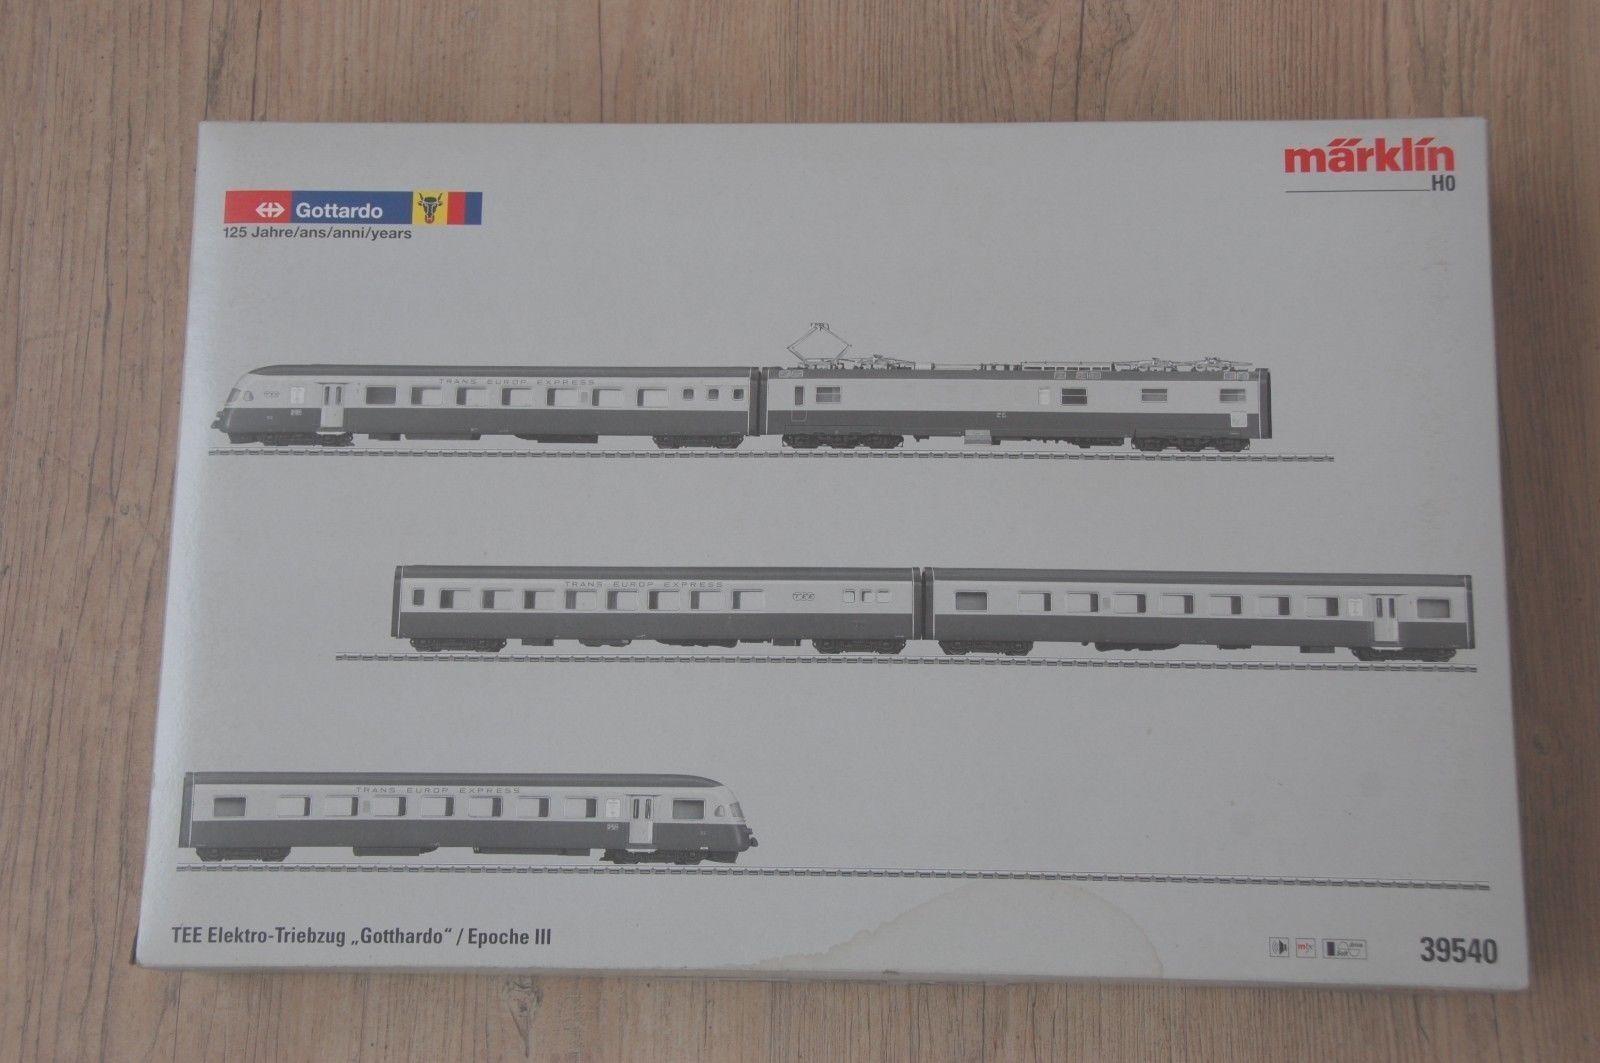 Märklin h0 39540 tè elettro-TRIEBZUG  gotthardo  - one time series